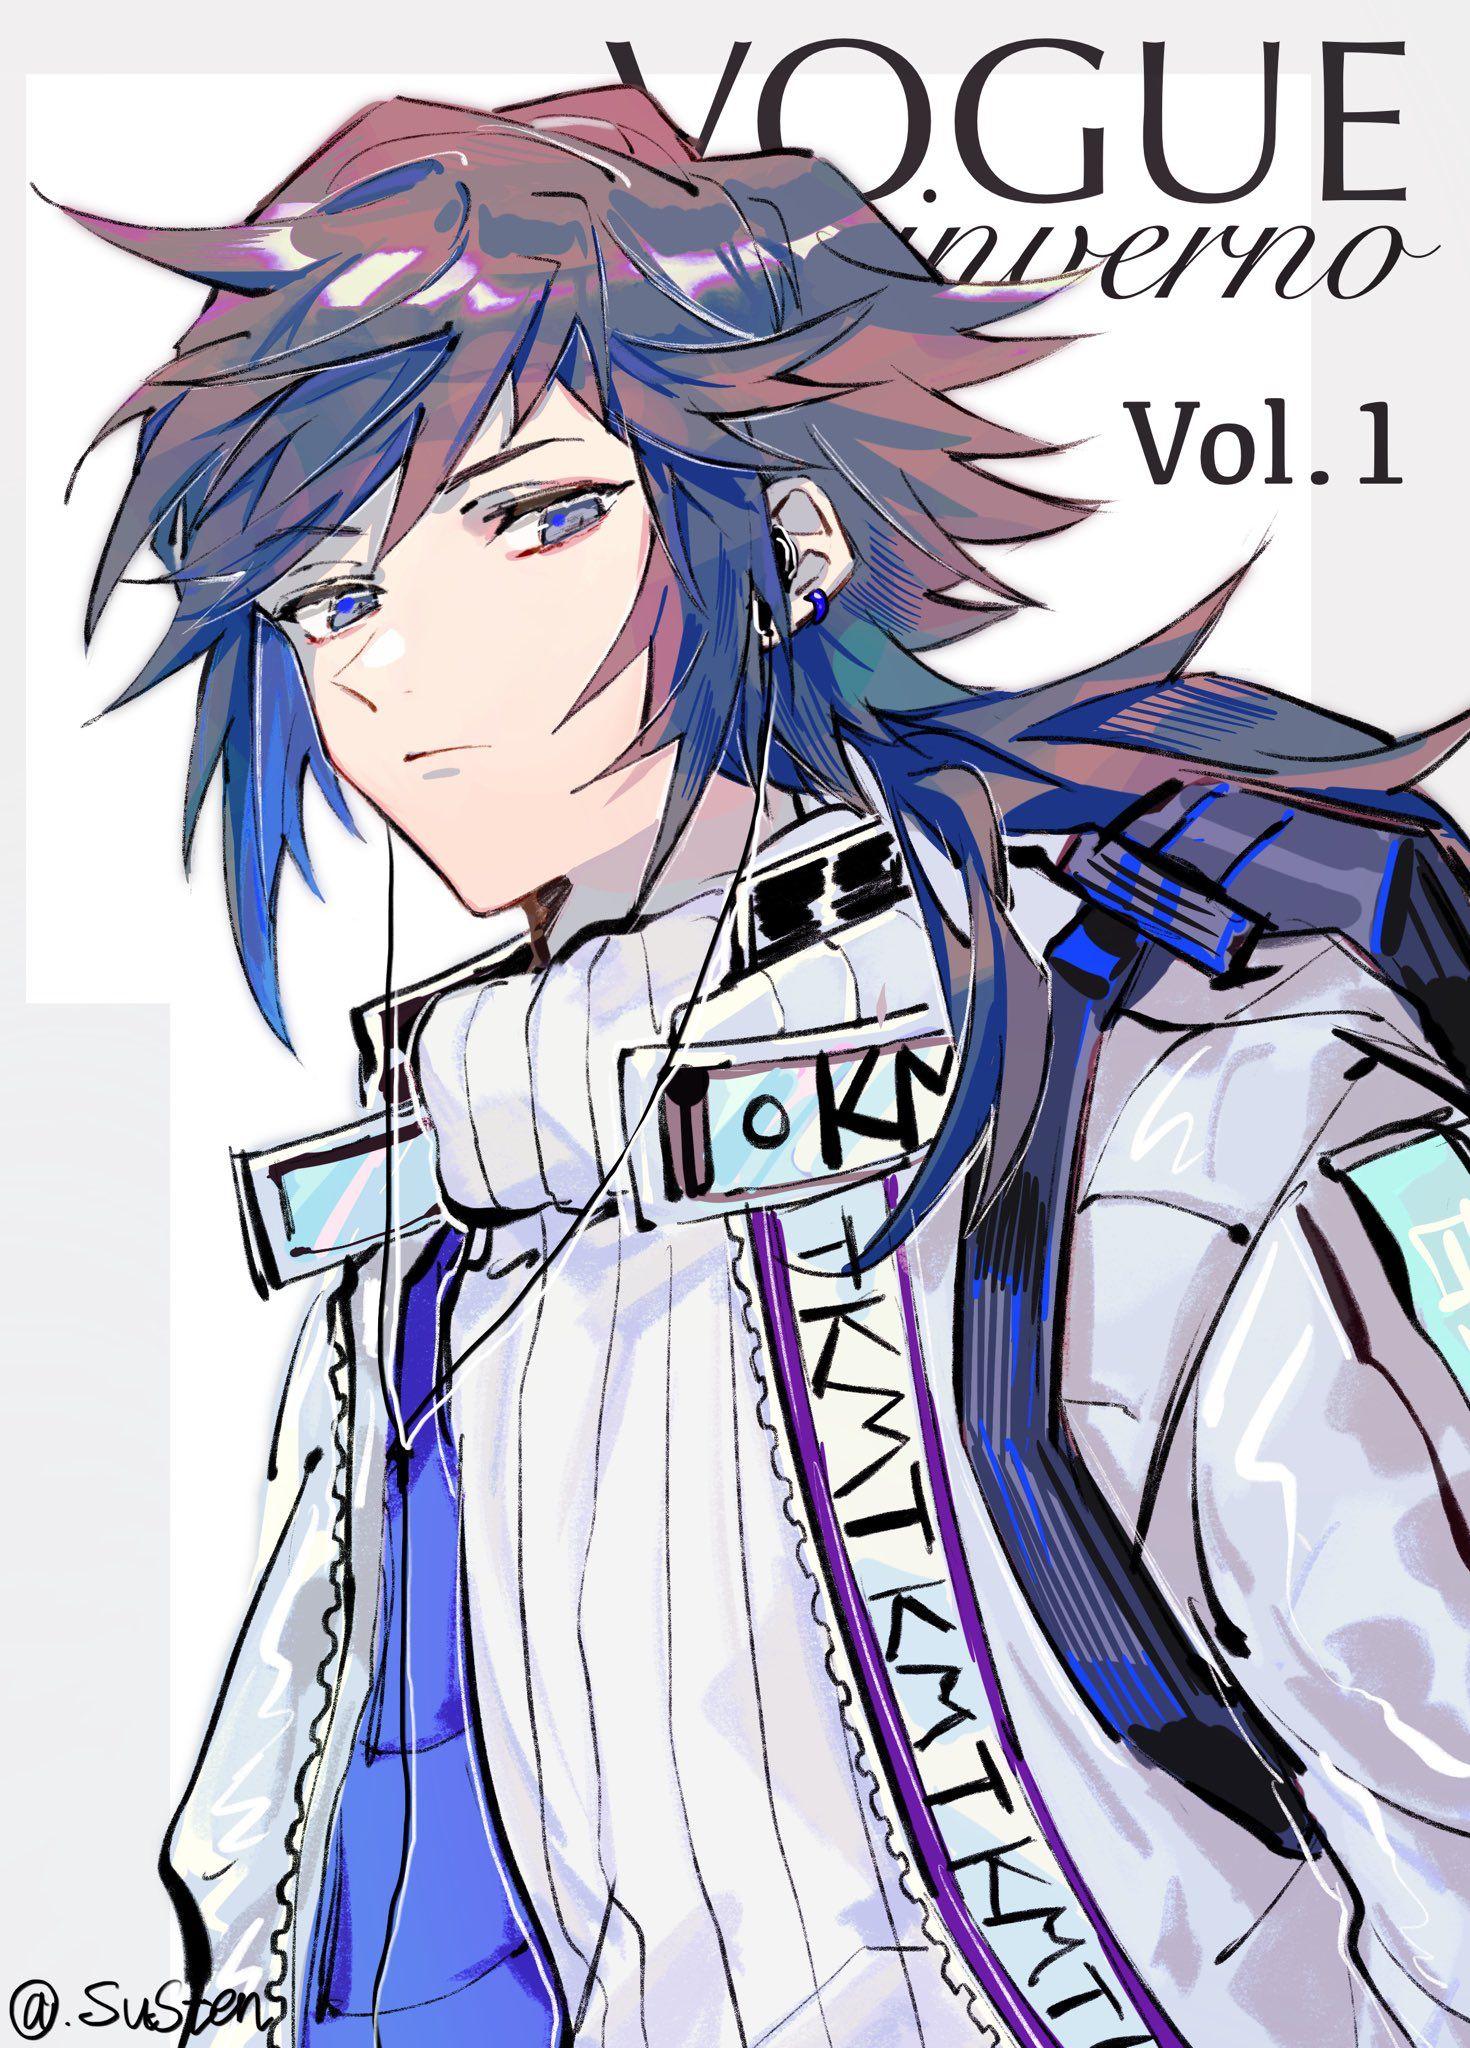 Pin oleh Mitsuki di Kimetsu no yaiba Ilustrasi karakter